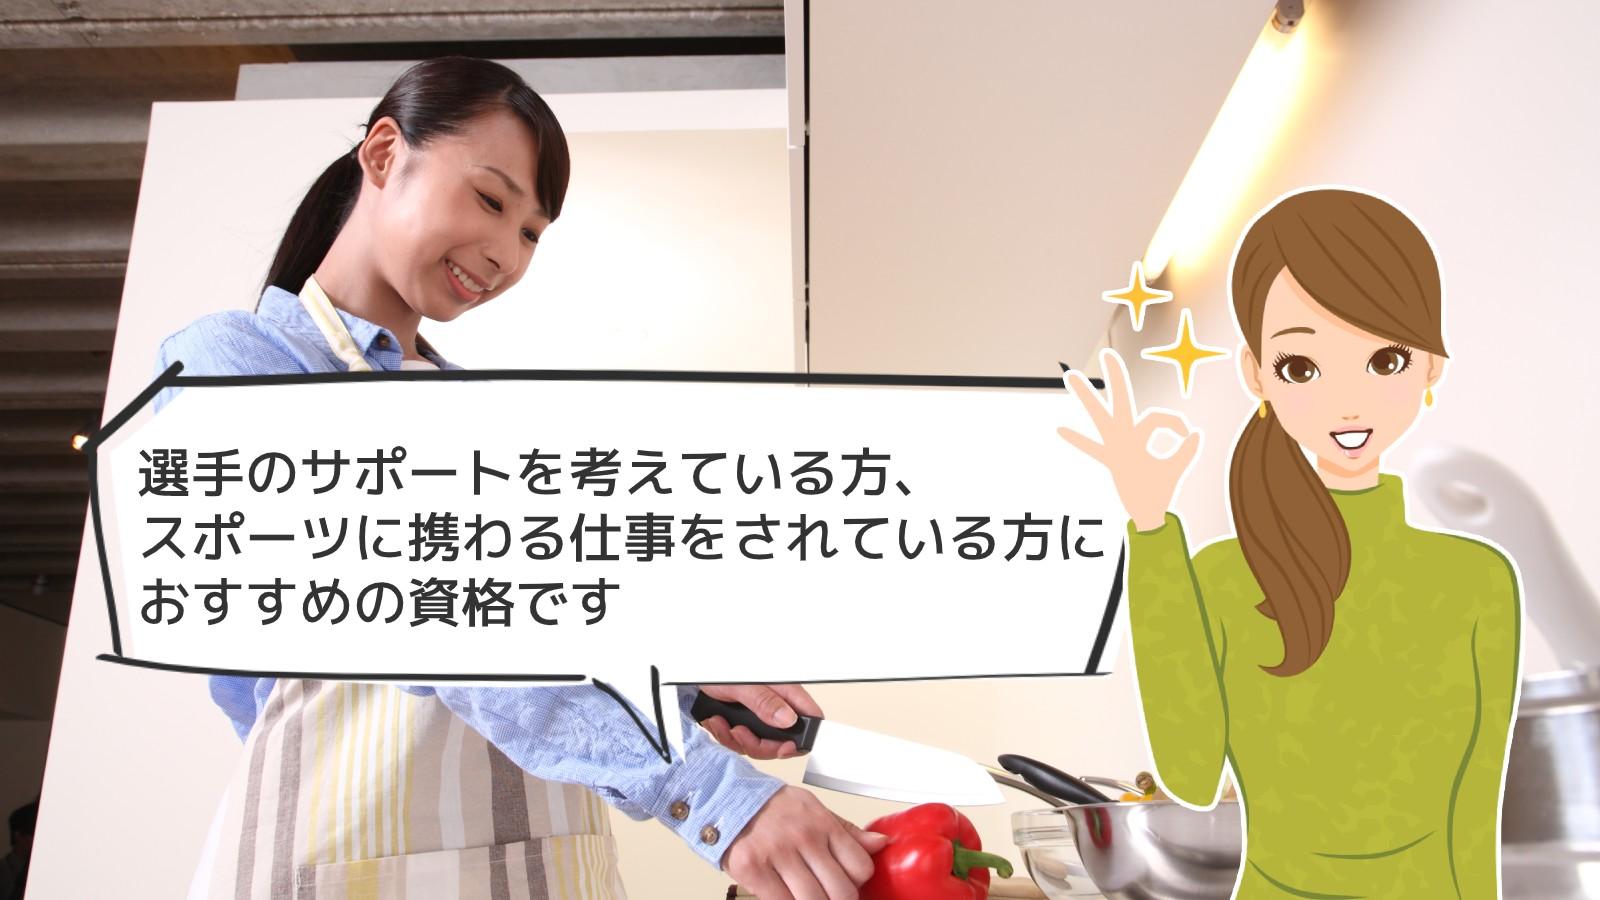 「アスリート栄養食インストラクター資格」のアイキャッチ画像